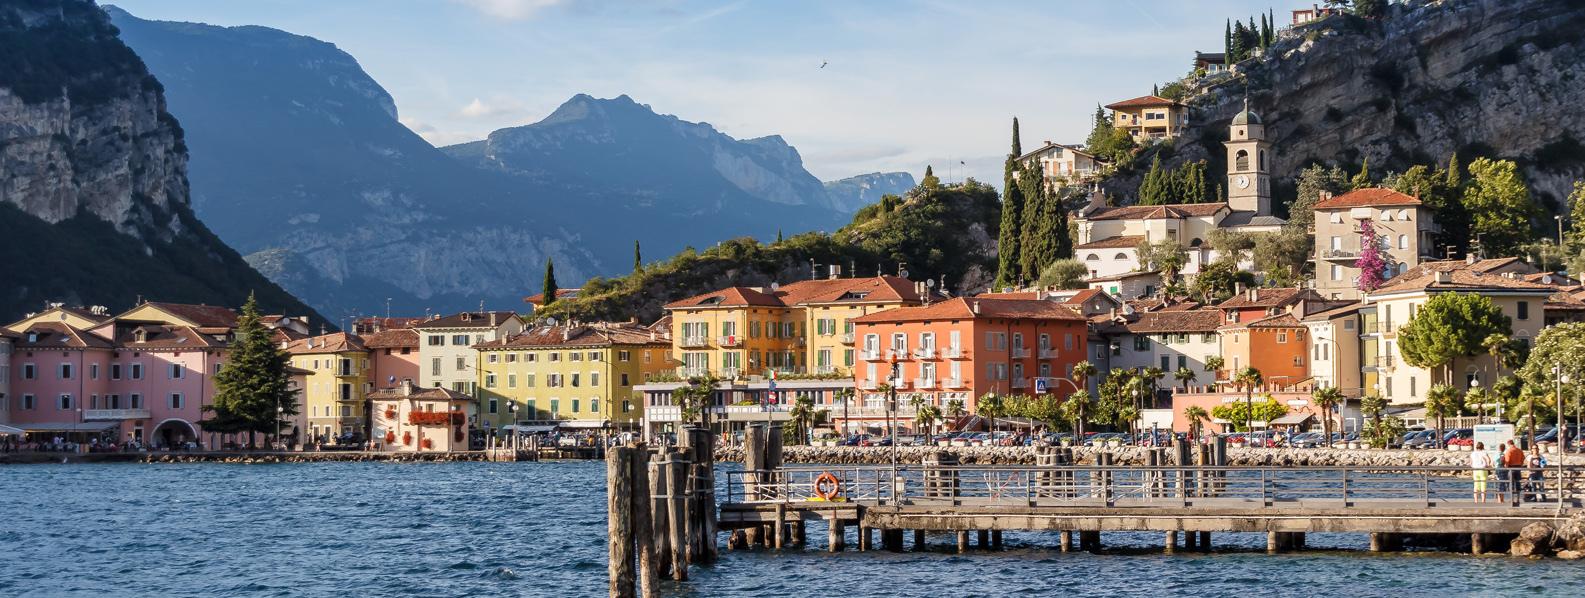 Riva del Garda in Italy